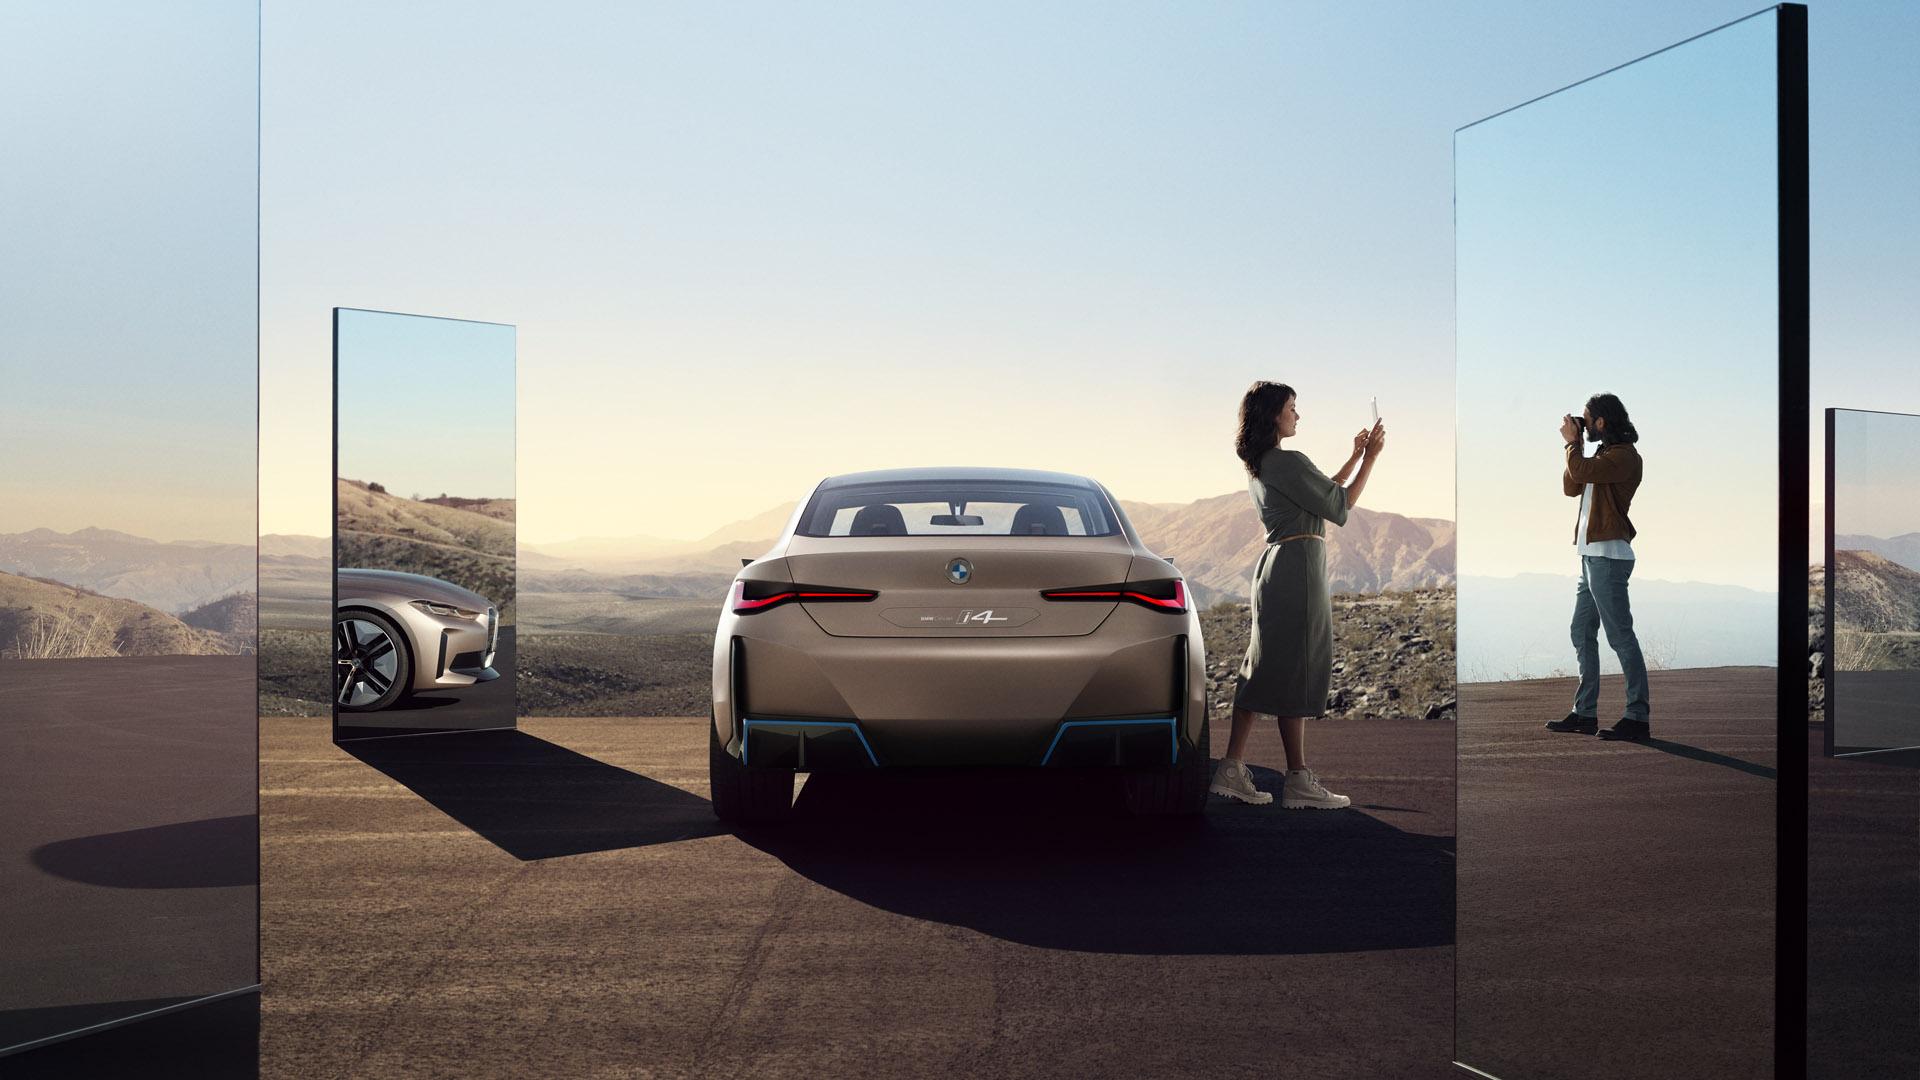 BMW Concept i4 back